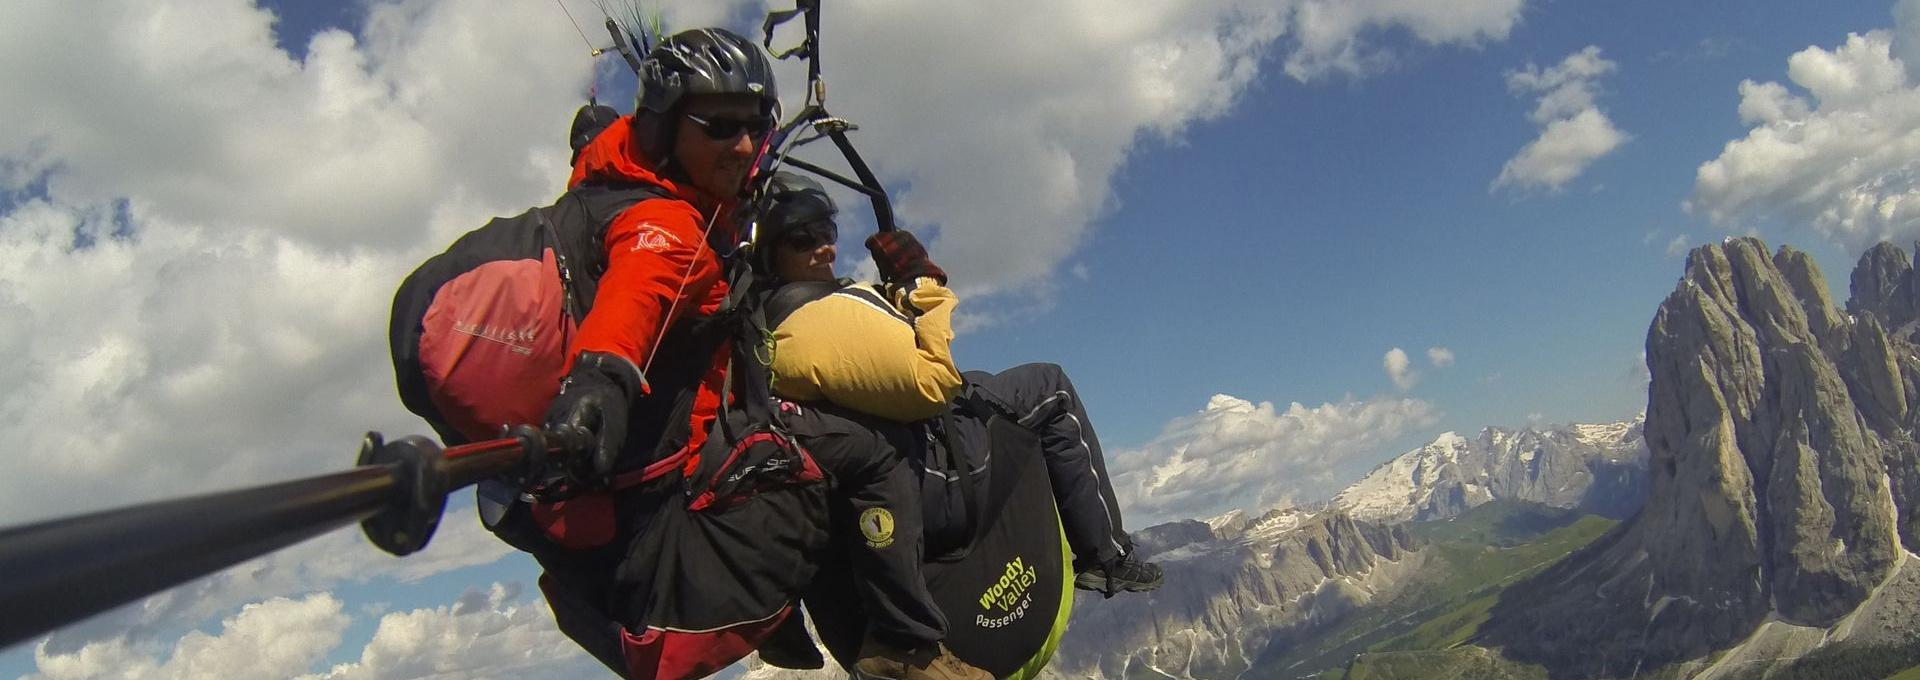 Gröden Dolomiten - Paragleiten